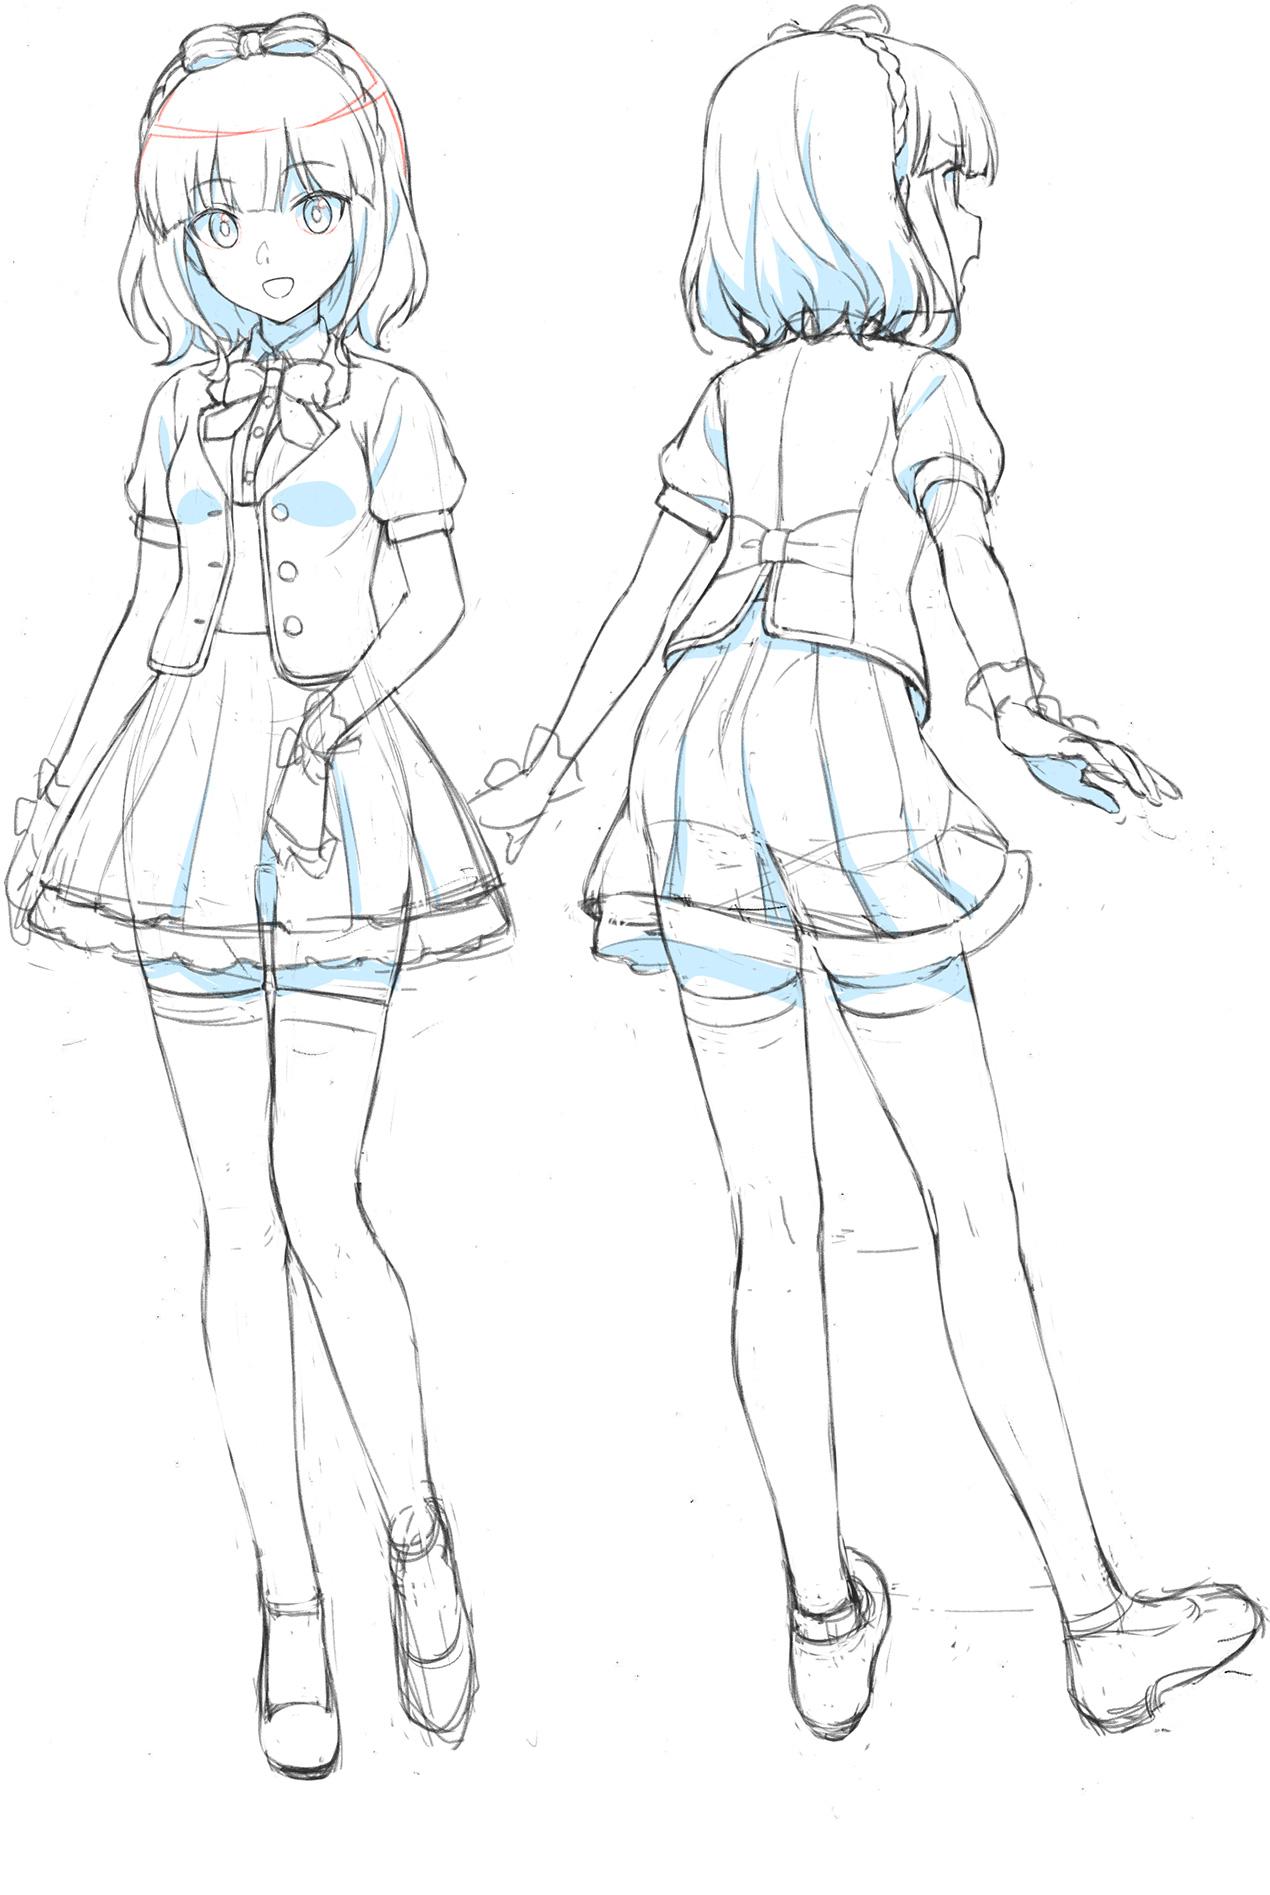 Un escenario de personajes de Toka Shimochiai, uno de los personajes principales del próximo Alice Gear Aegis OAV.